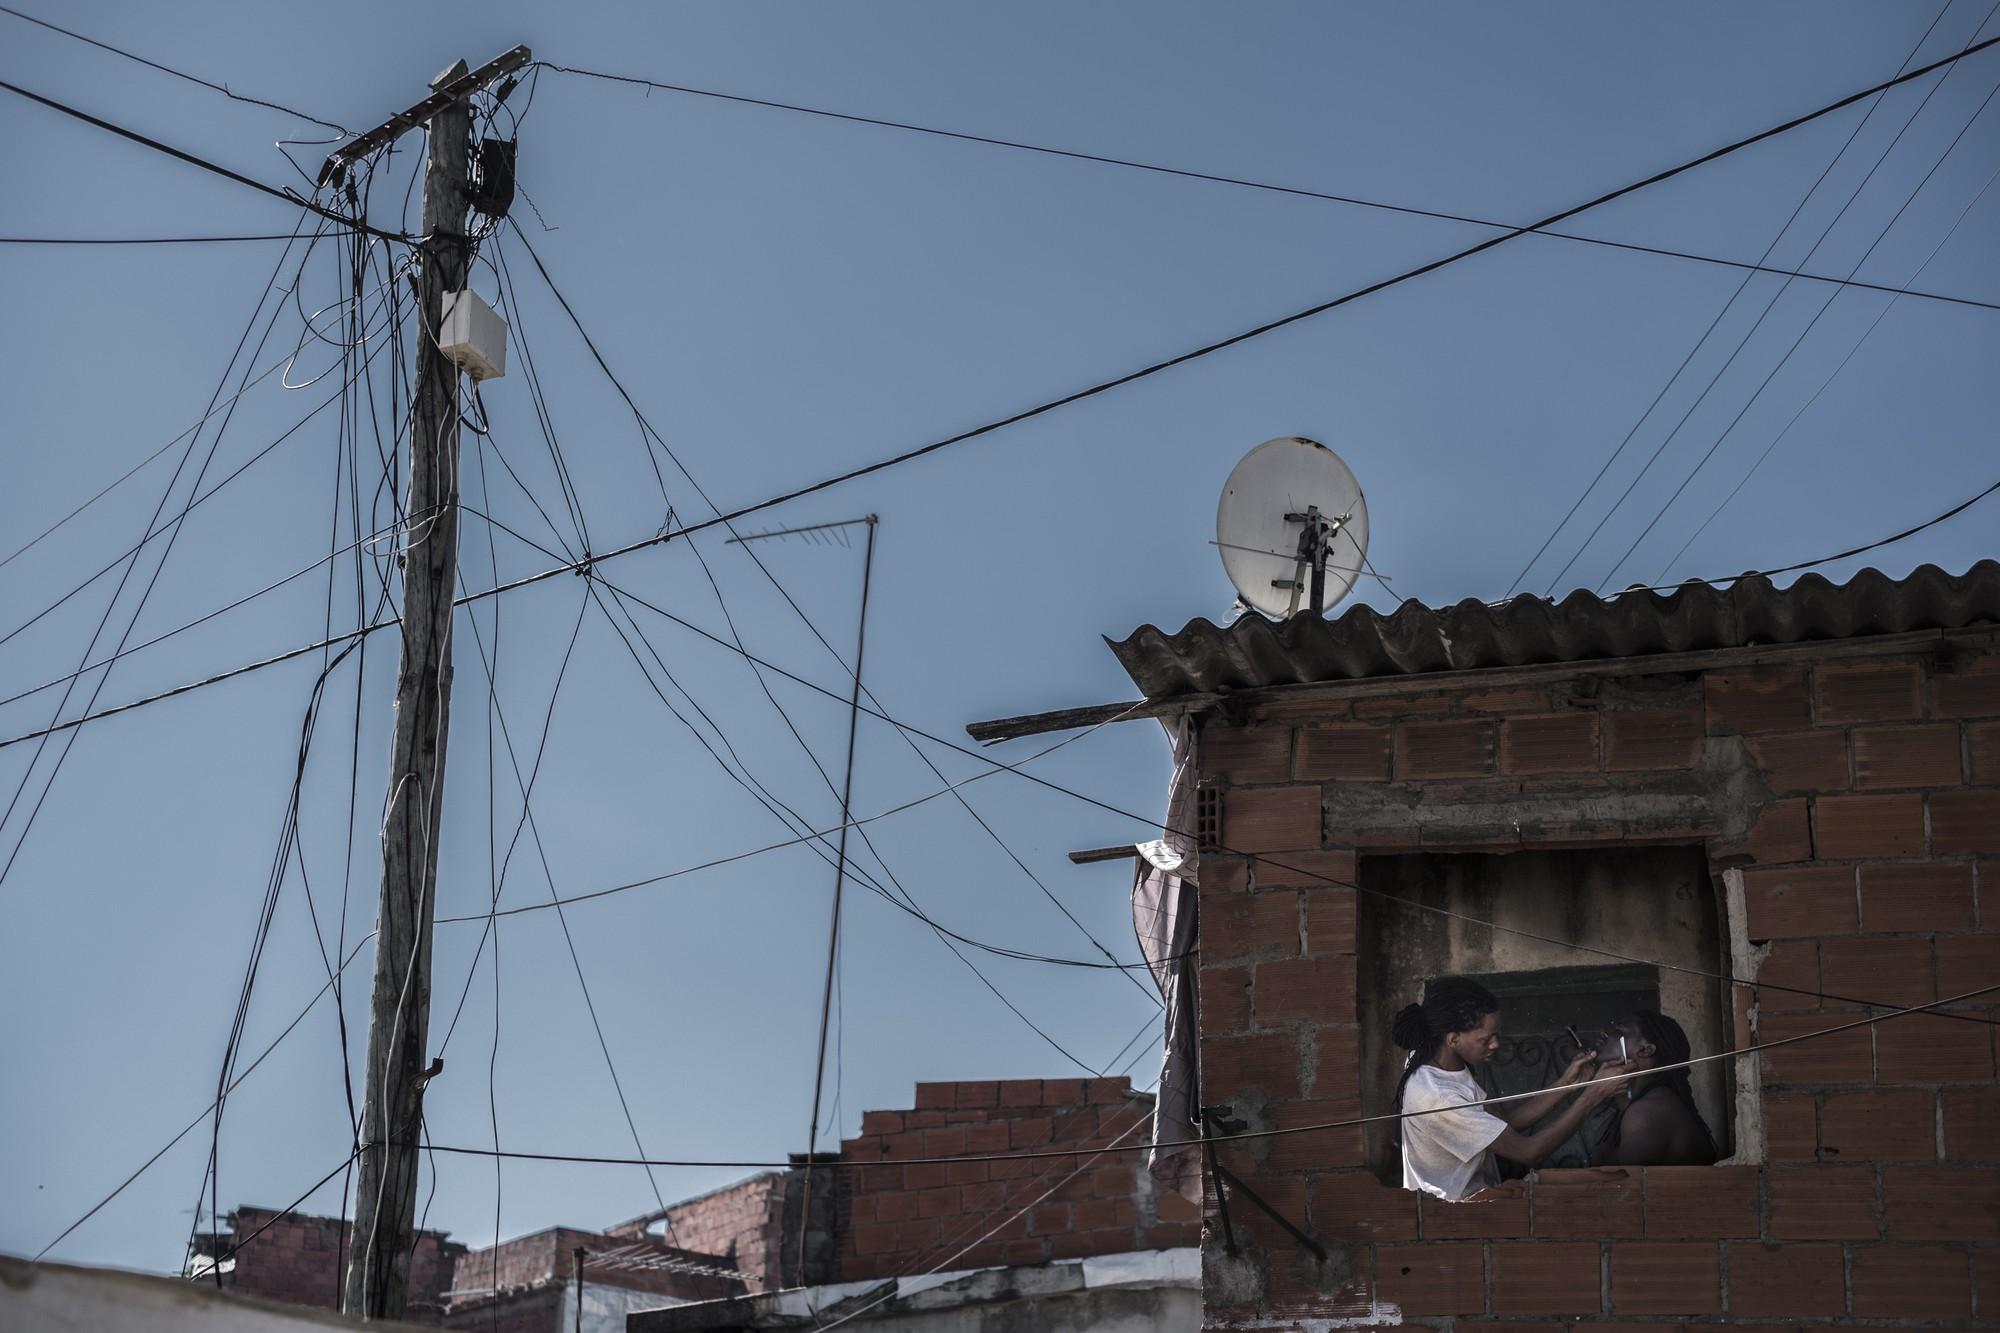 Mặt tối cuộc sống mang tên 6 de Maio: Những gì diễn ra bên trong khu phố nguy hiểm bậc nhất Bồ Đào Nha - Ảnh 7.